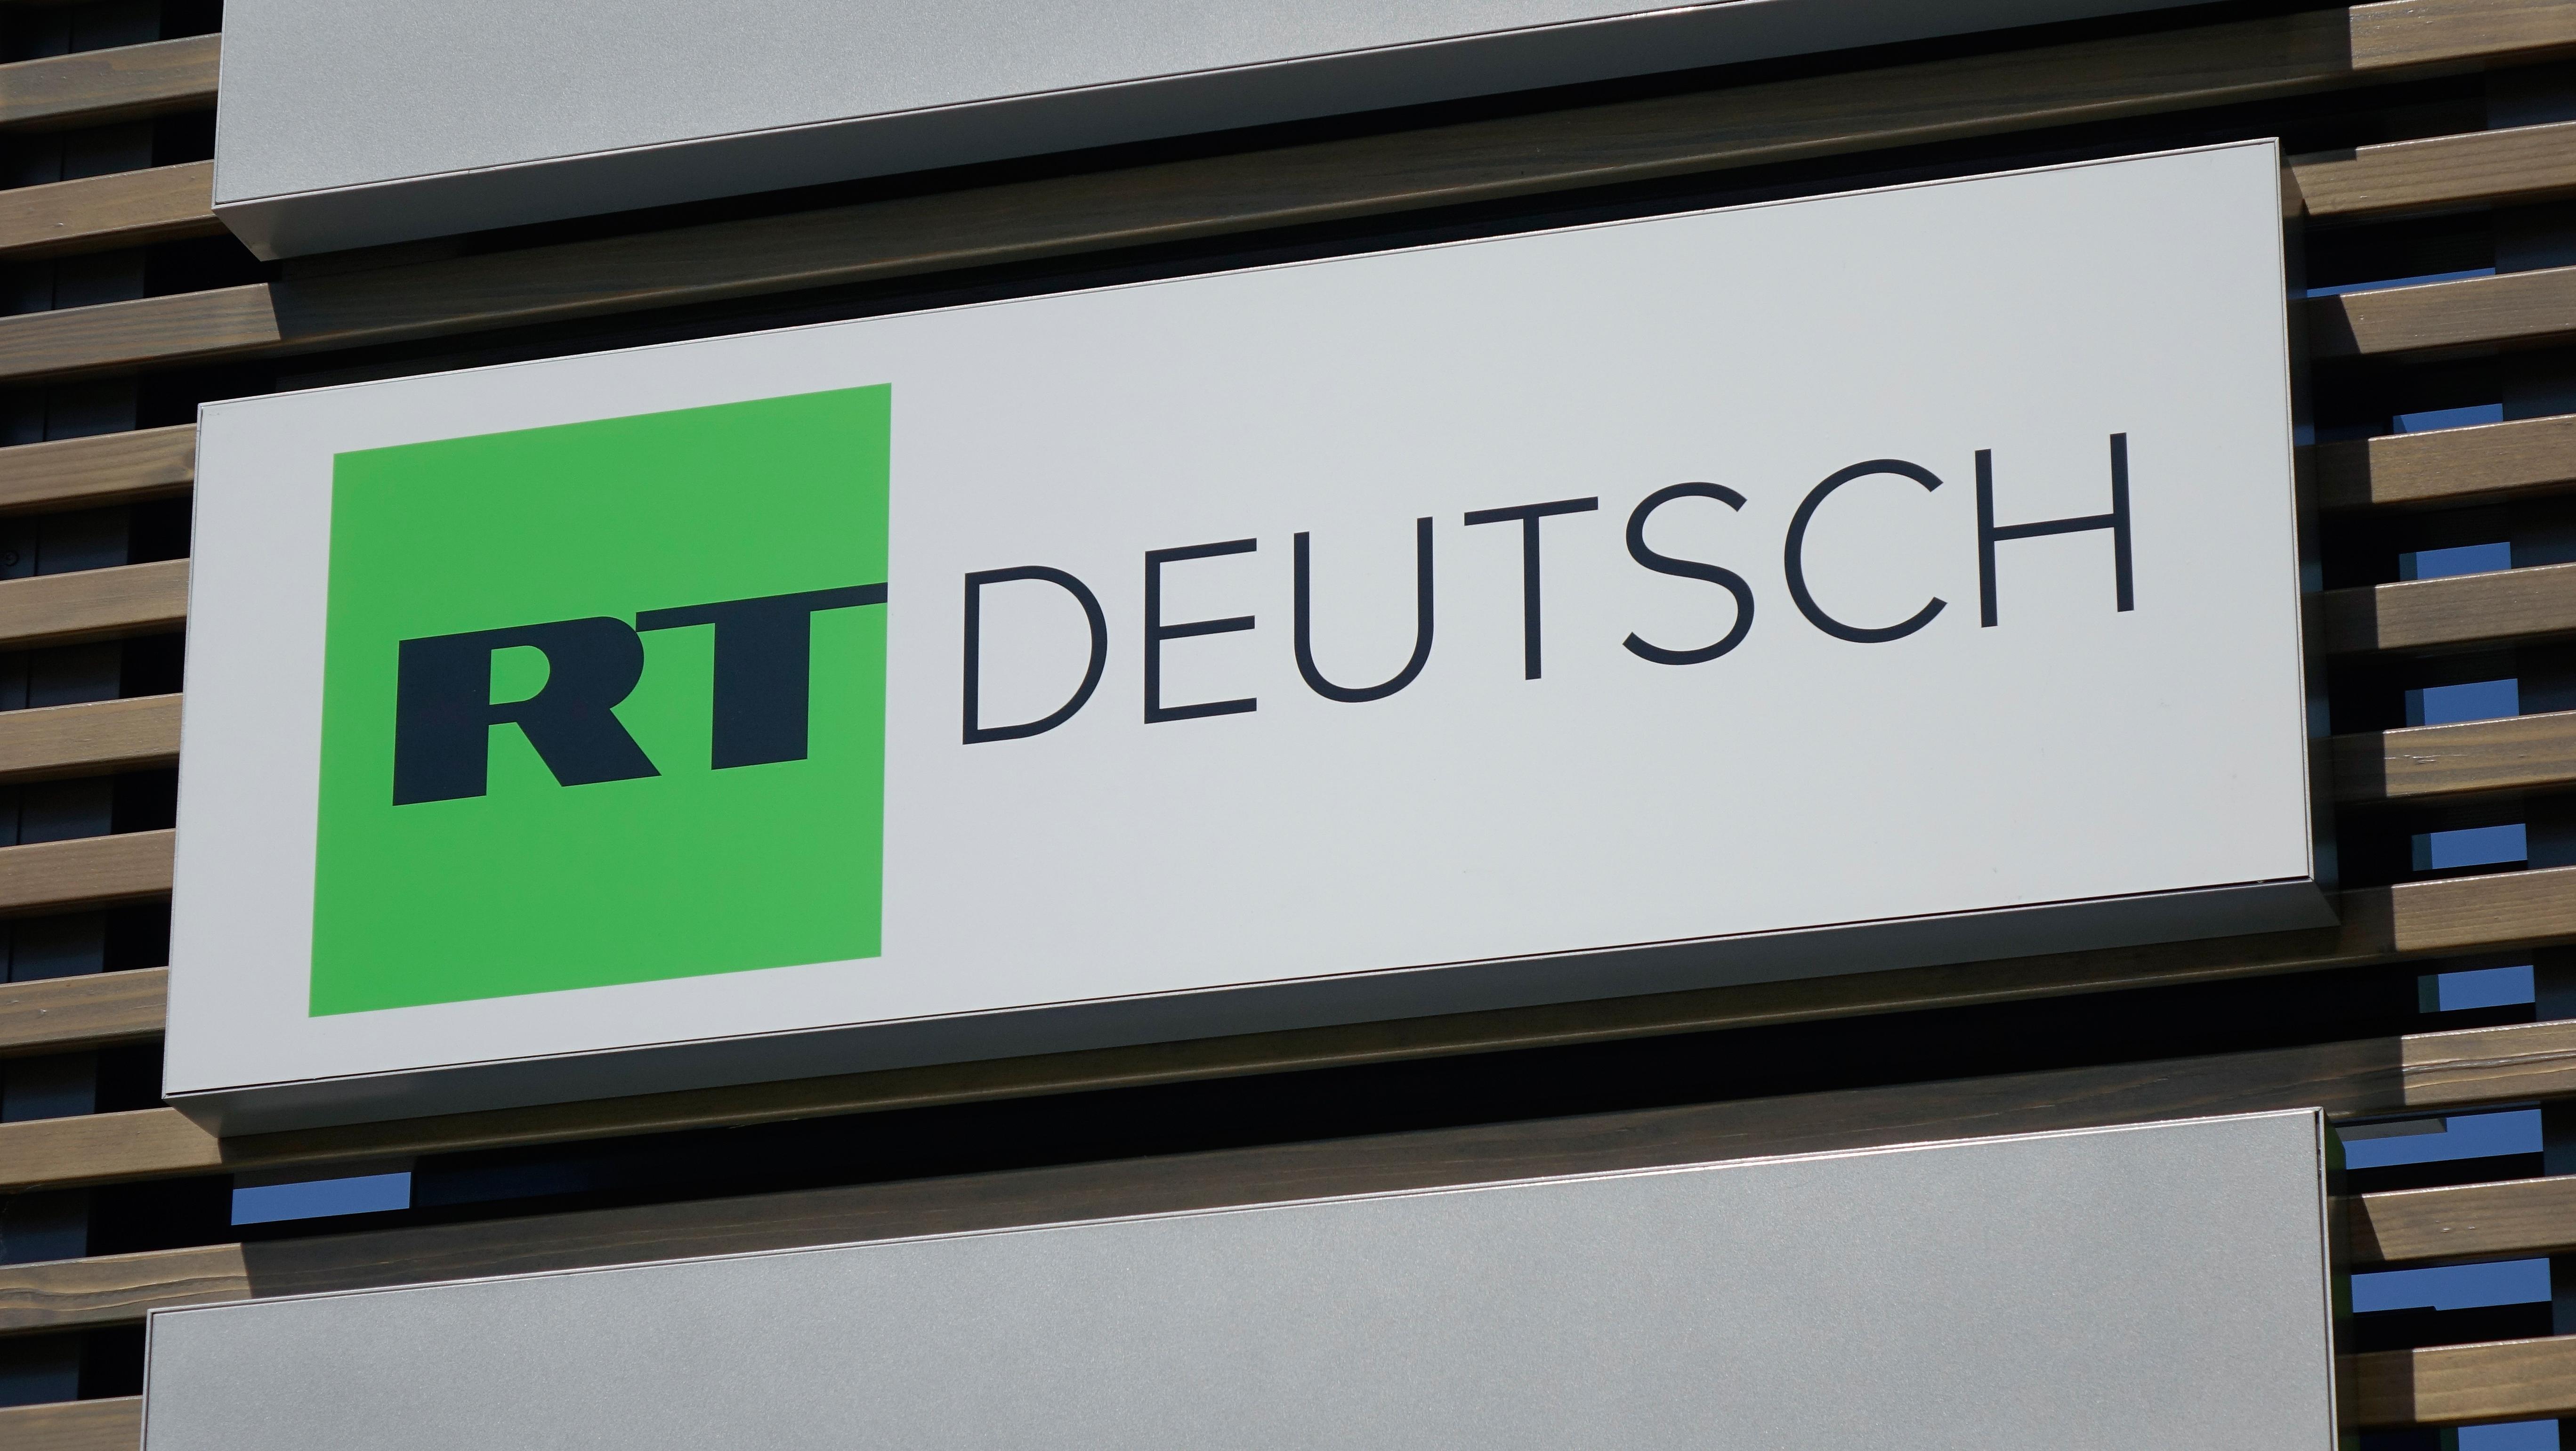 RT Deutsch